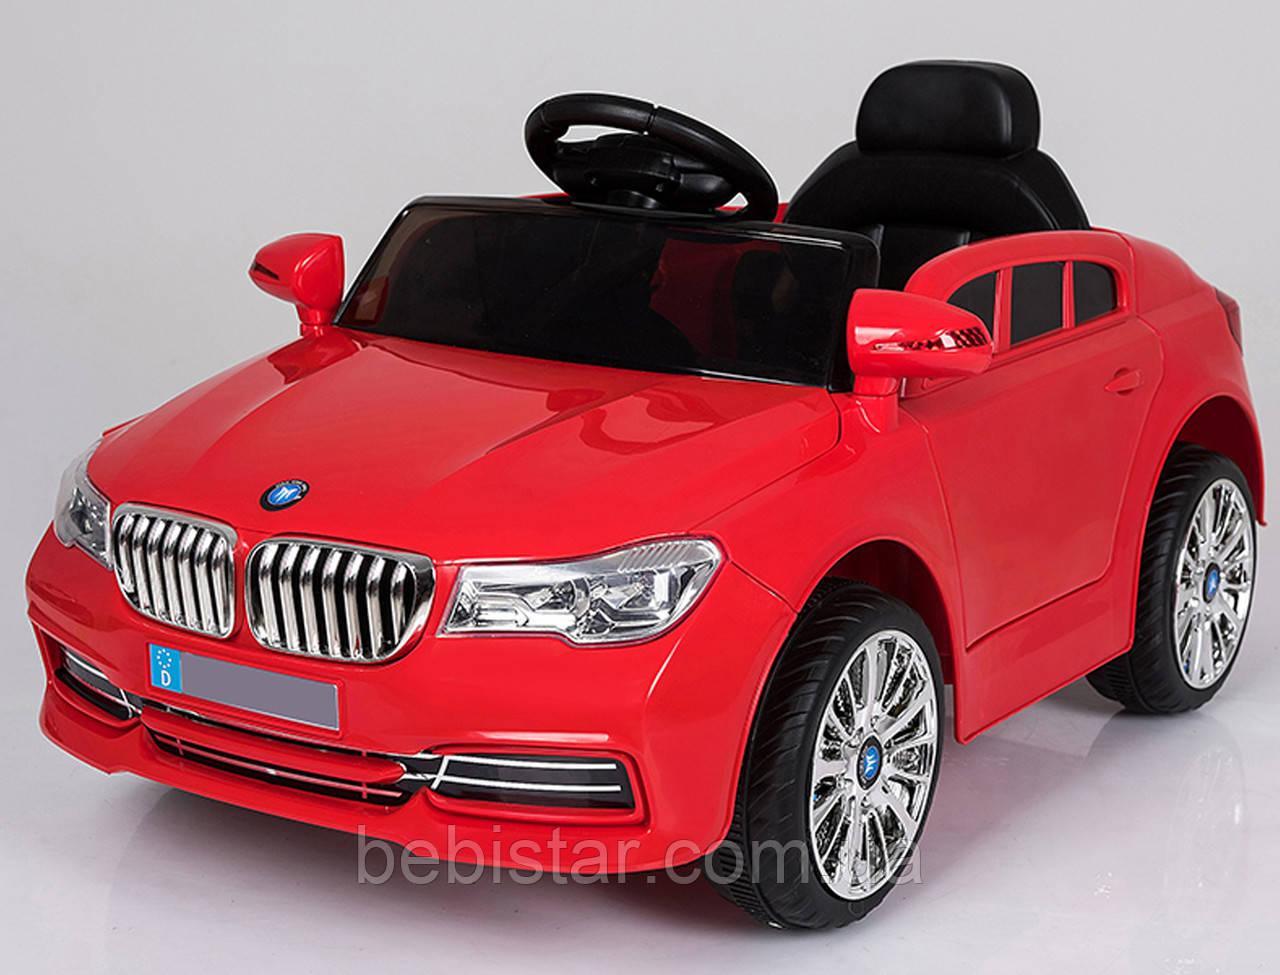 Електромобіль-спорткар червоний XM-826 RED для дітей 3-8 років з пультом, акумулятор 2*6V4.5AH, мотор 2*25W